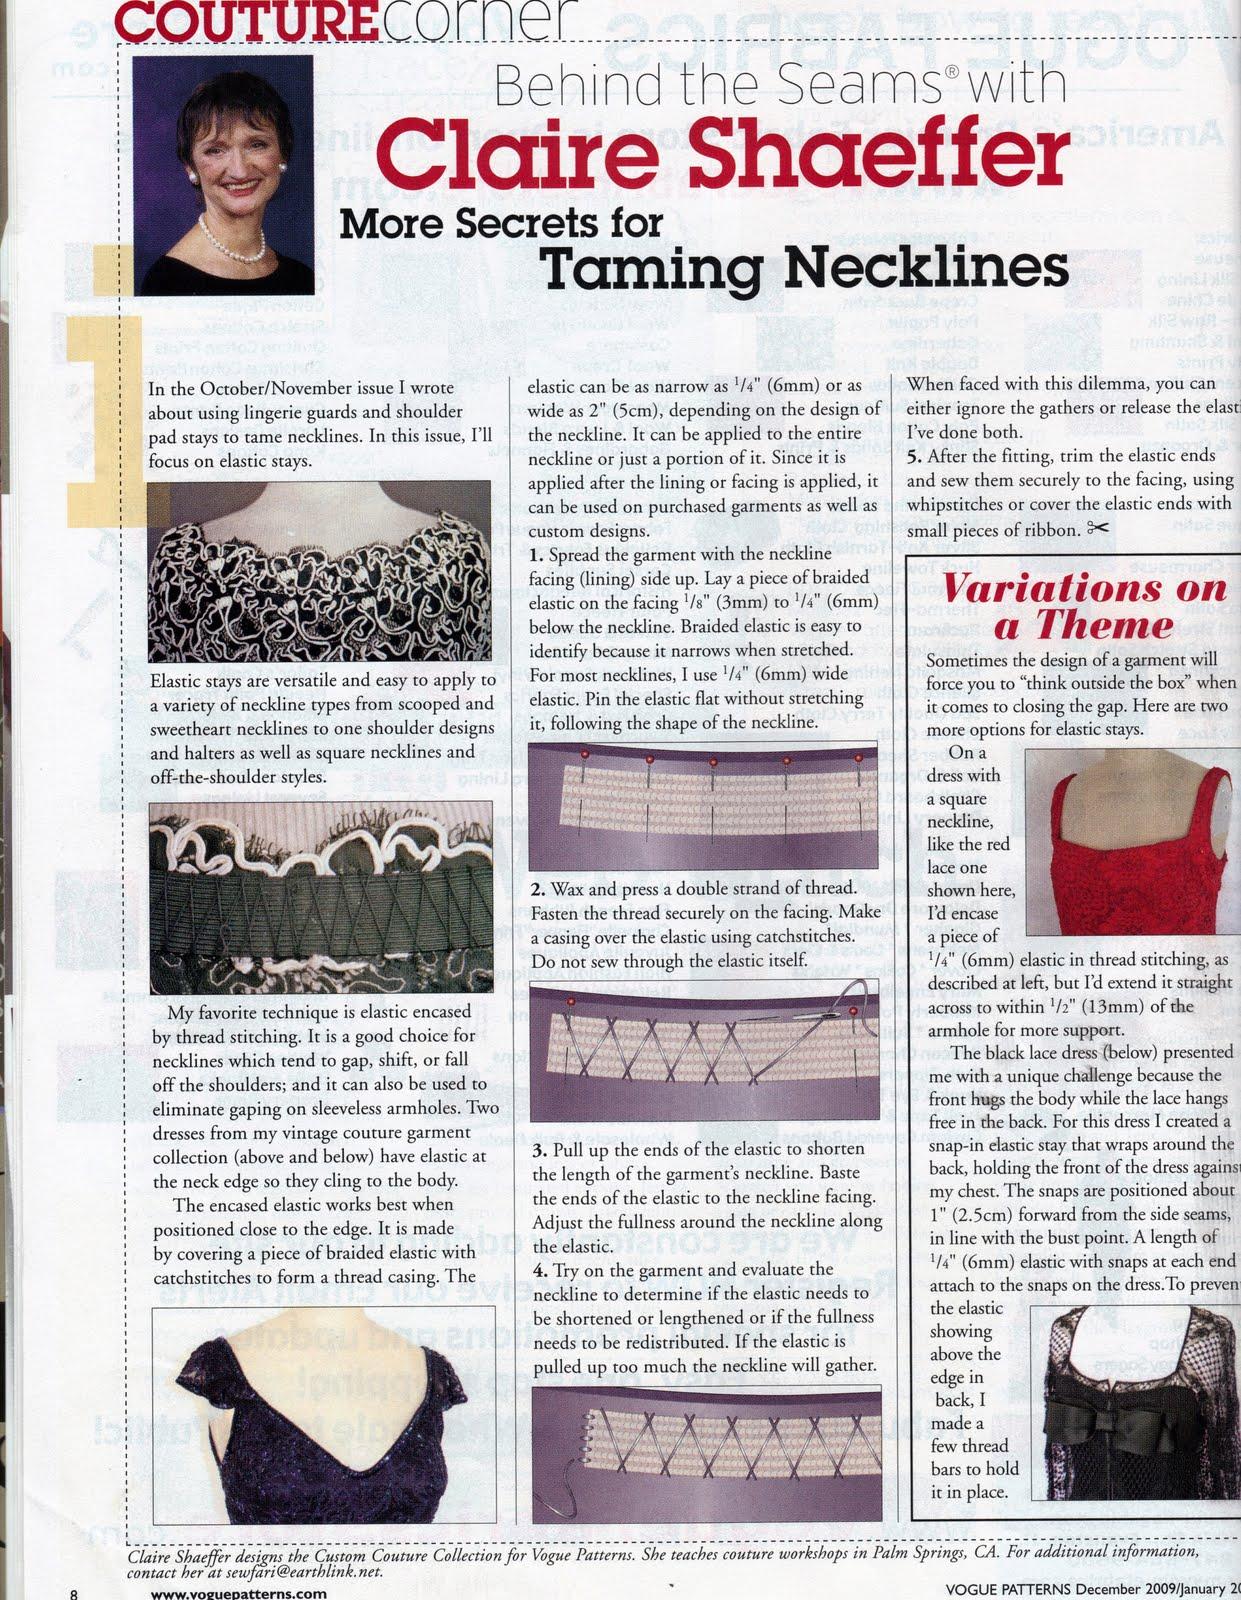 [VoguePattern+-+taming+necklines+3]